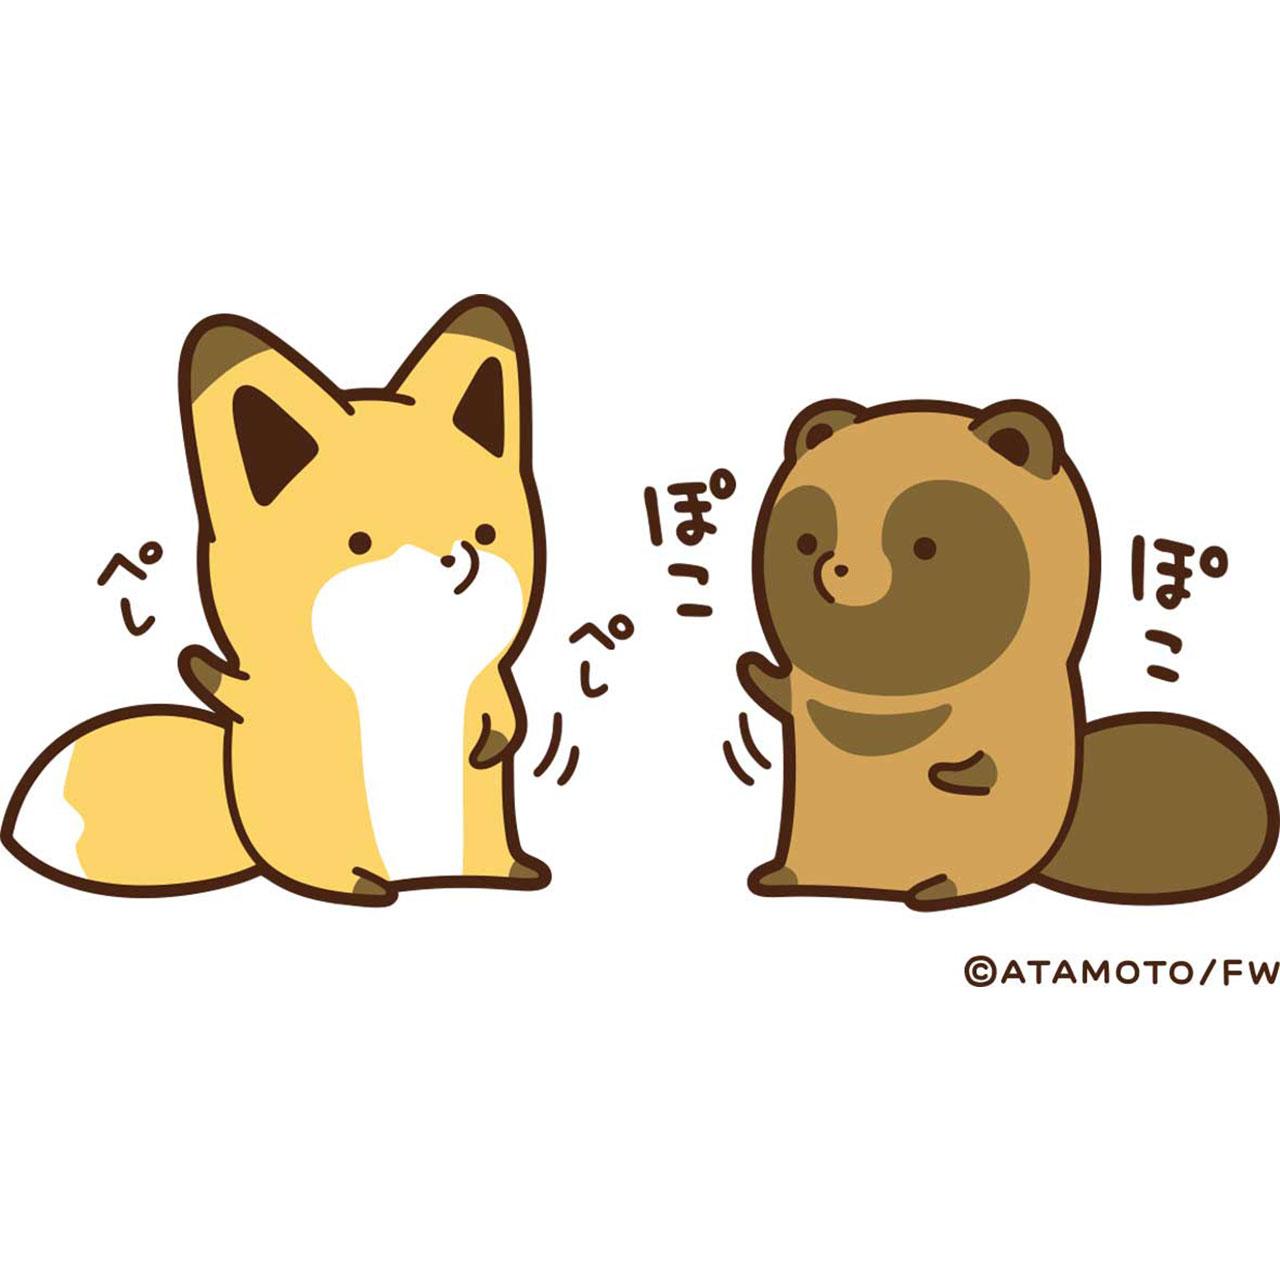 タヌキとキツネ ロンパース(ナチュラル) ぽこぽこ